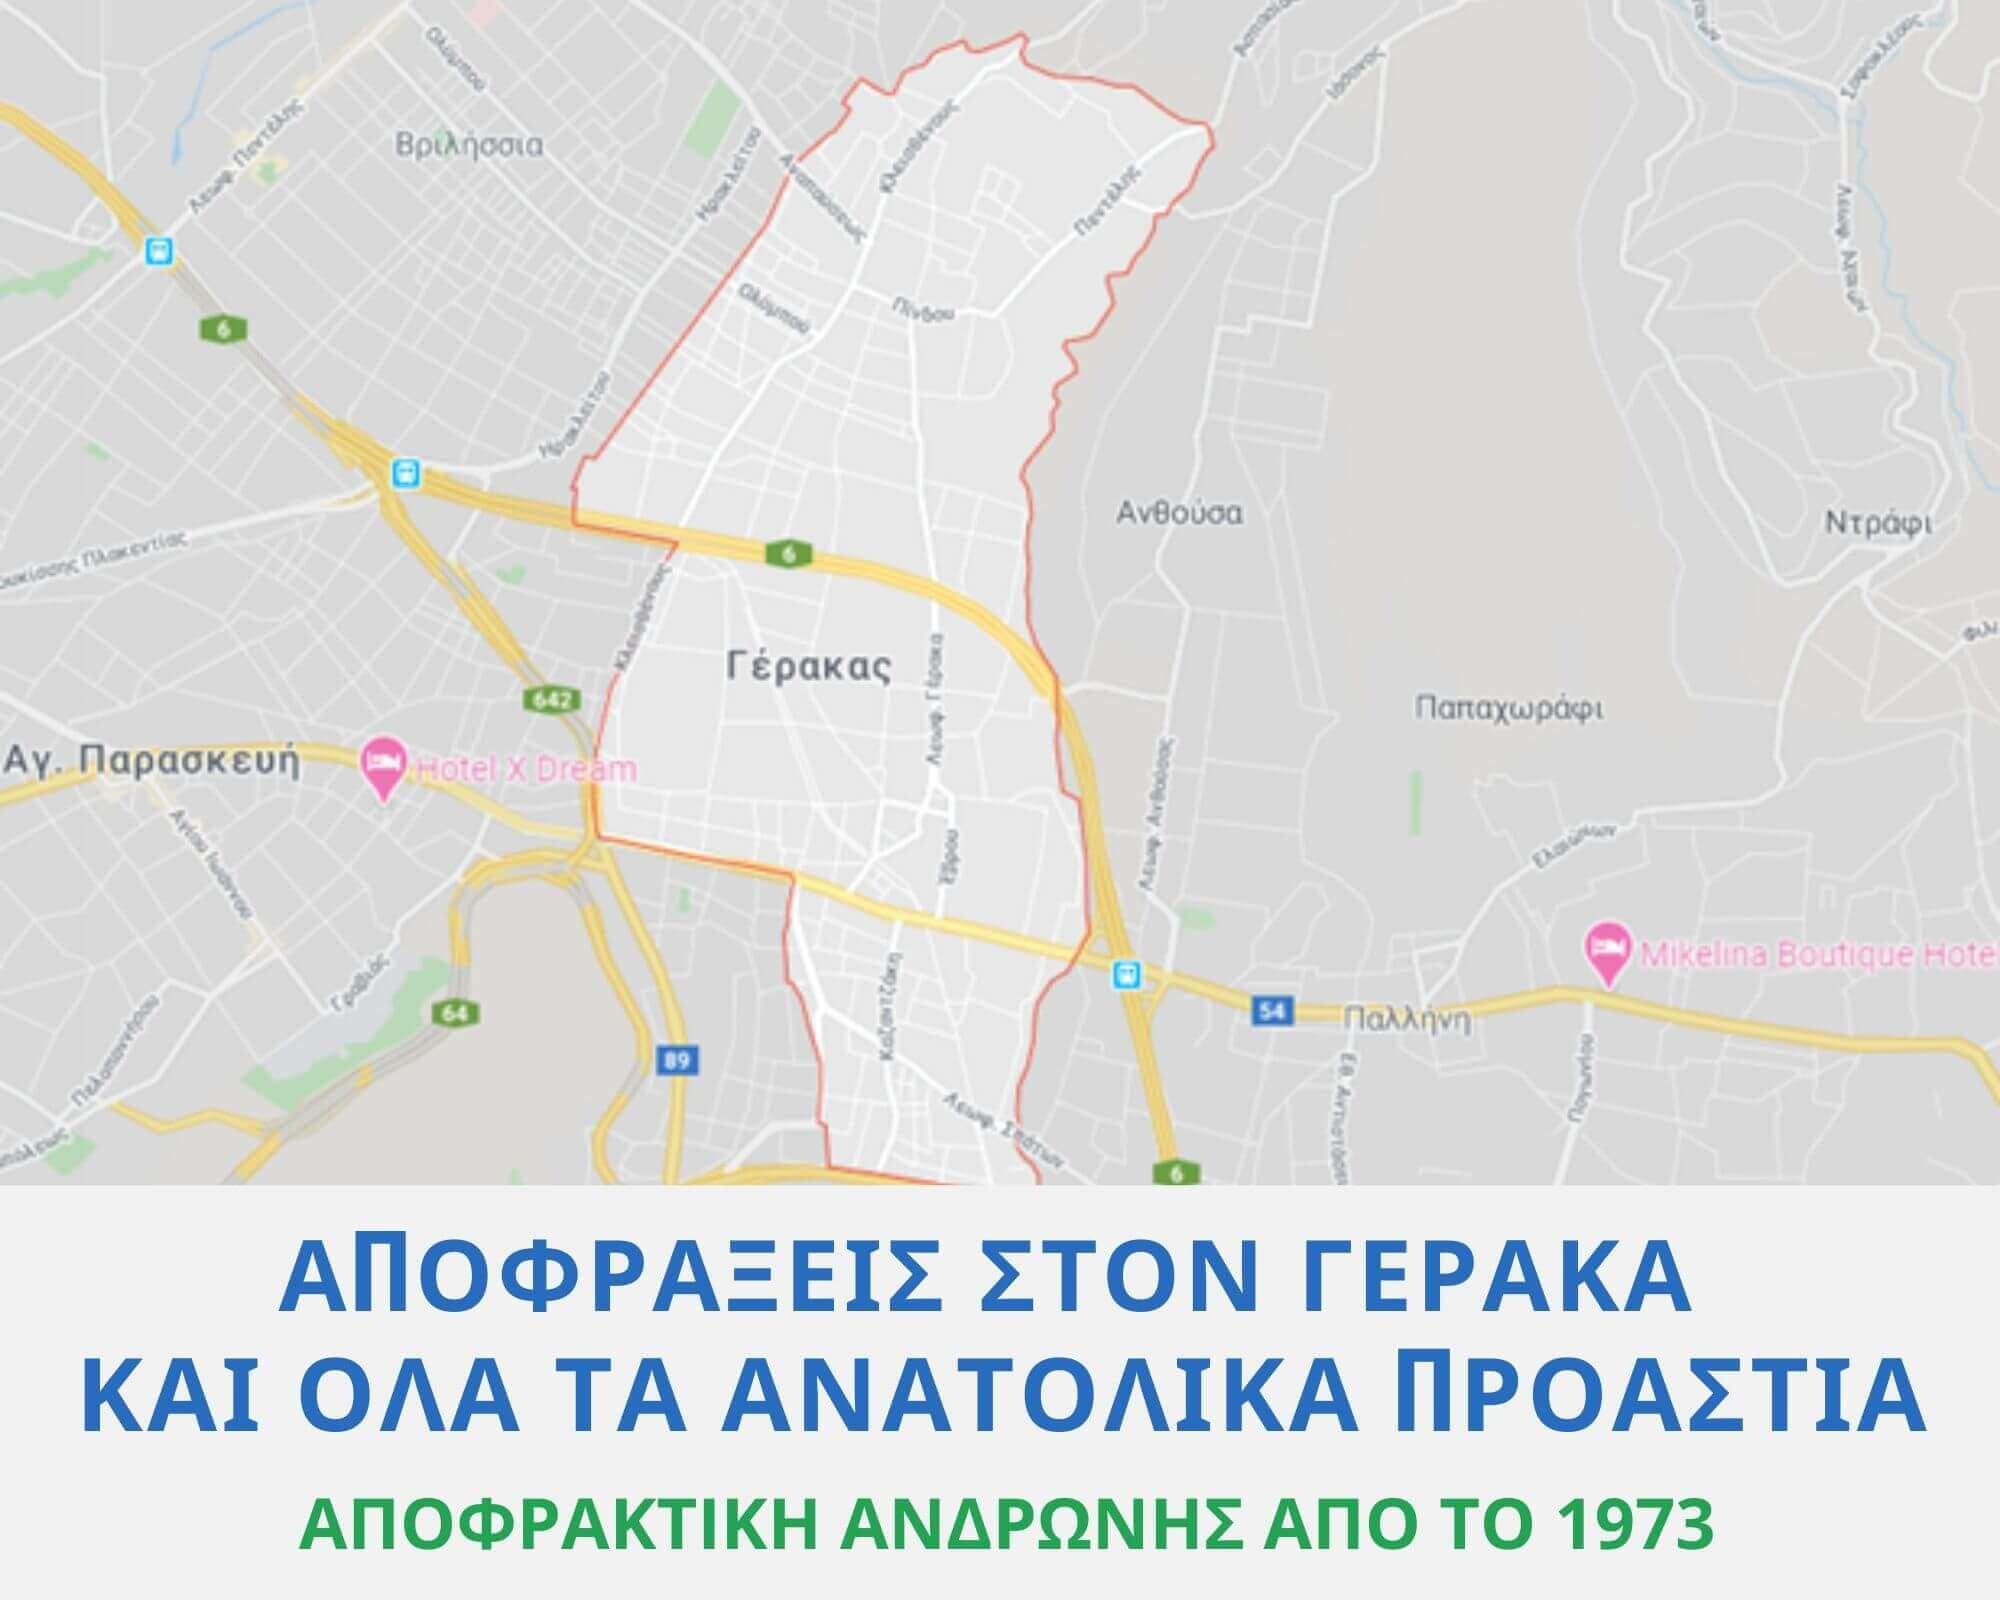 Αποφράξεις Γέρακας - 213.02.50.818 - Αποφράξεις Αθήνα